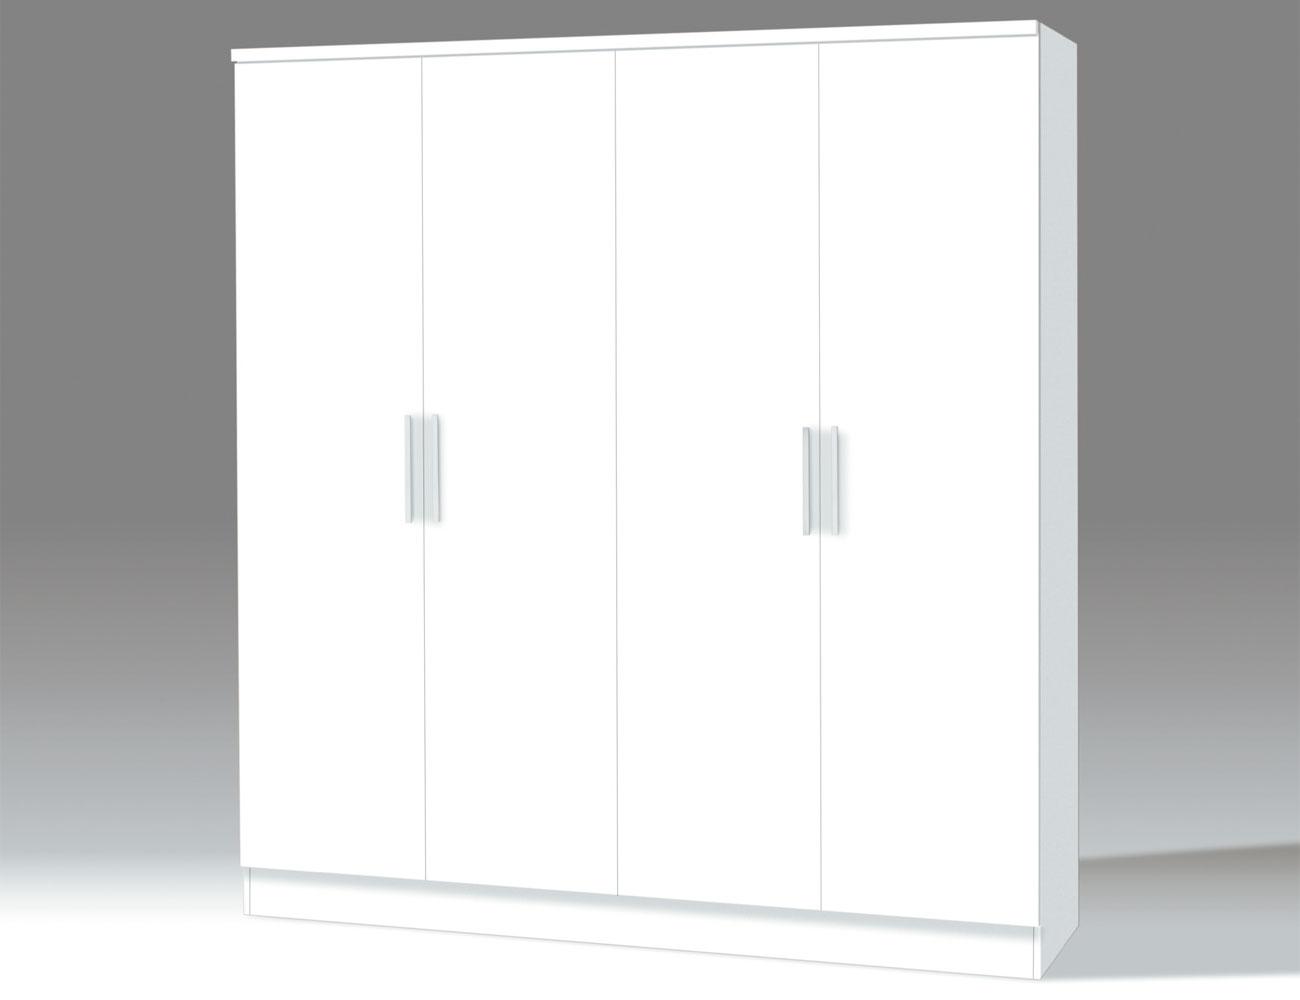 Armario 46 mueble blanco1